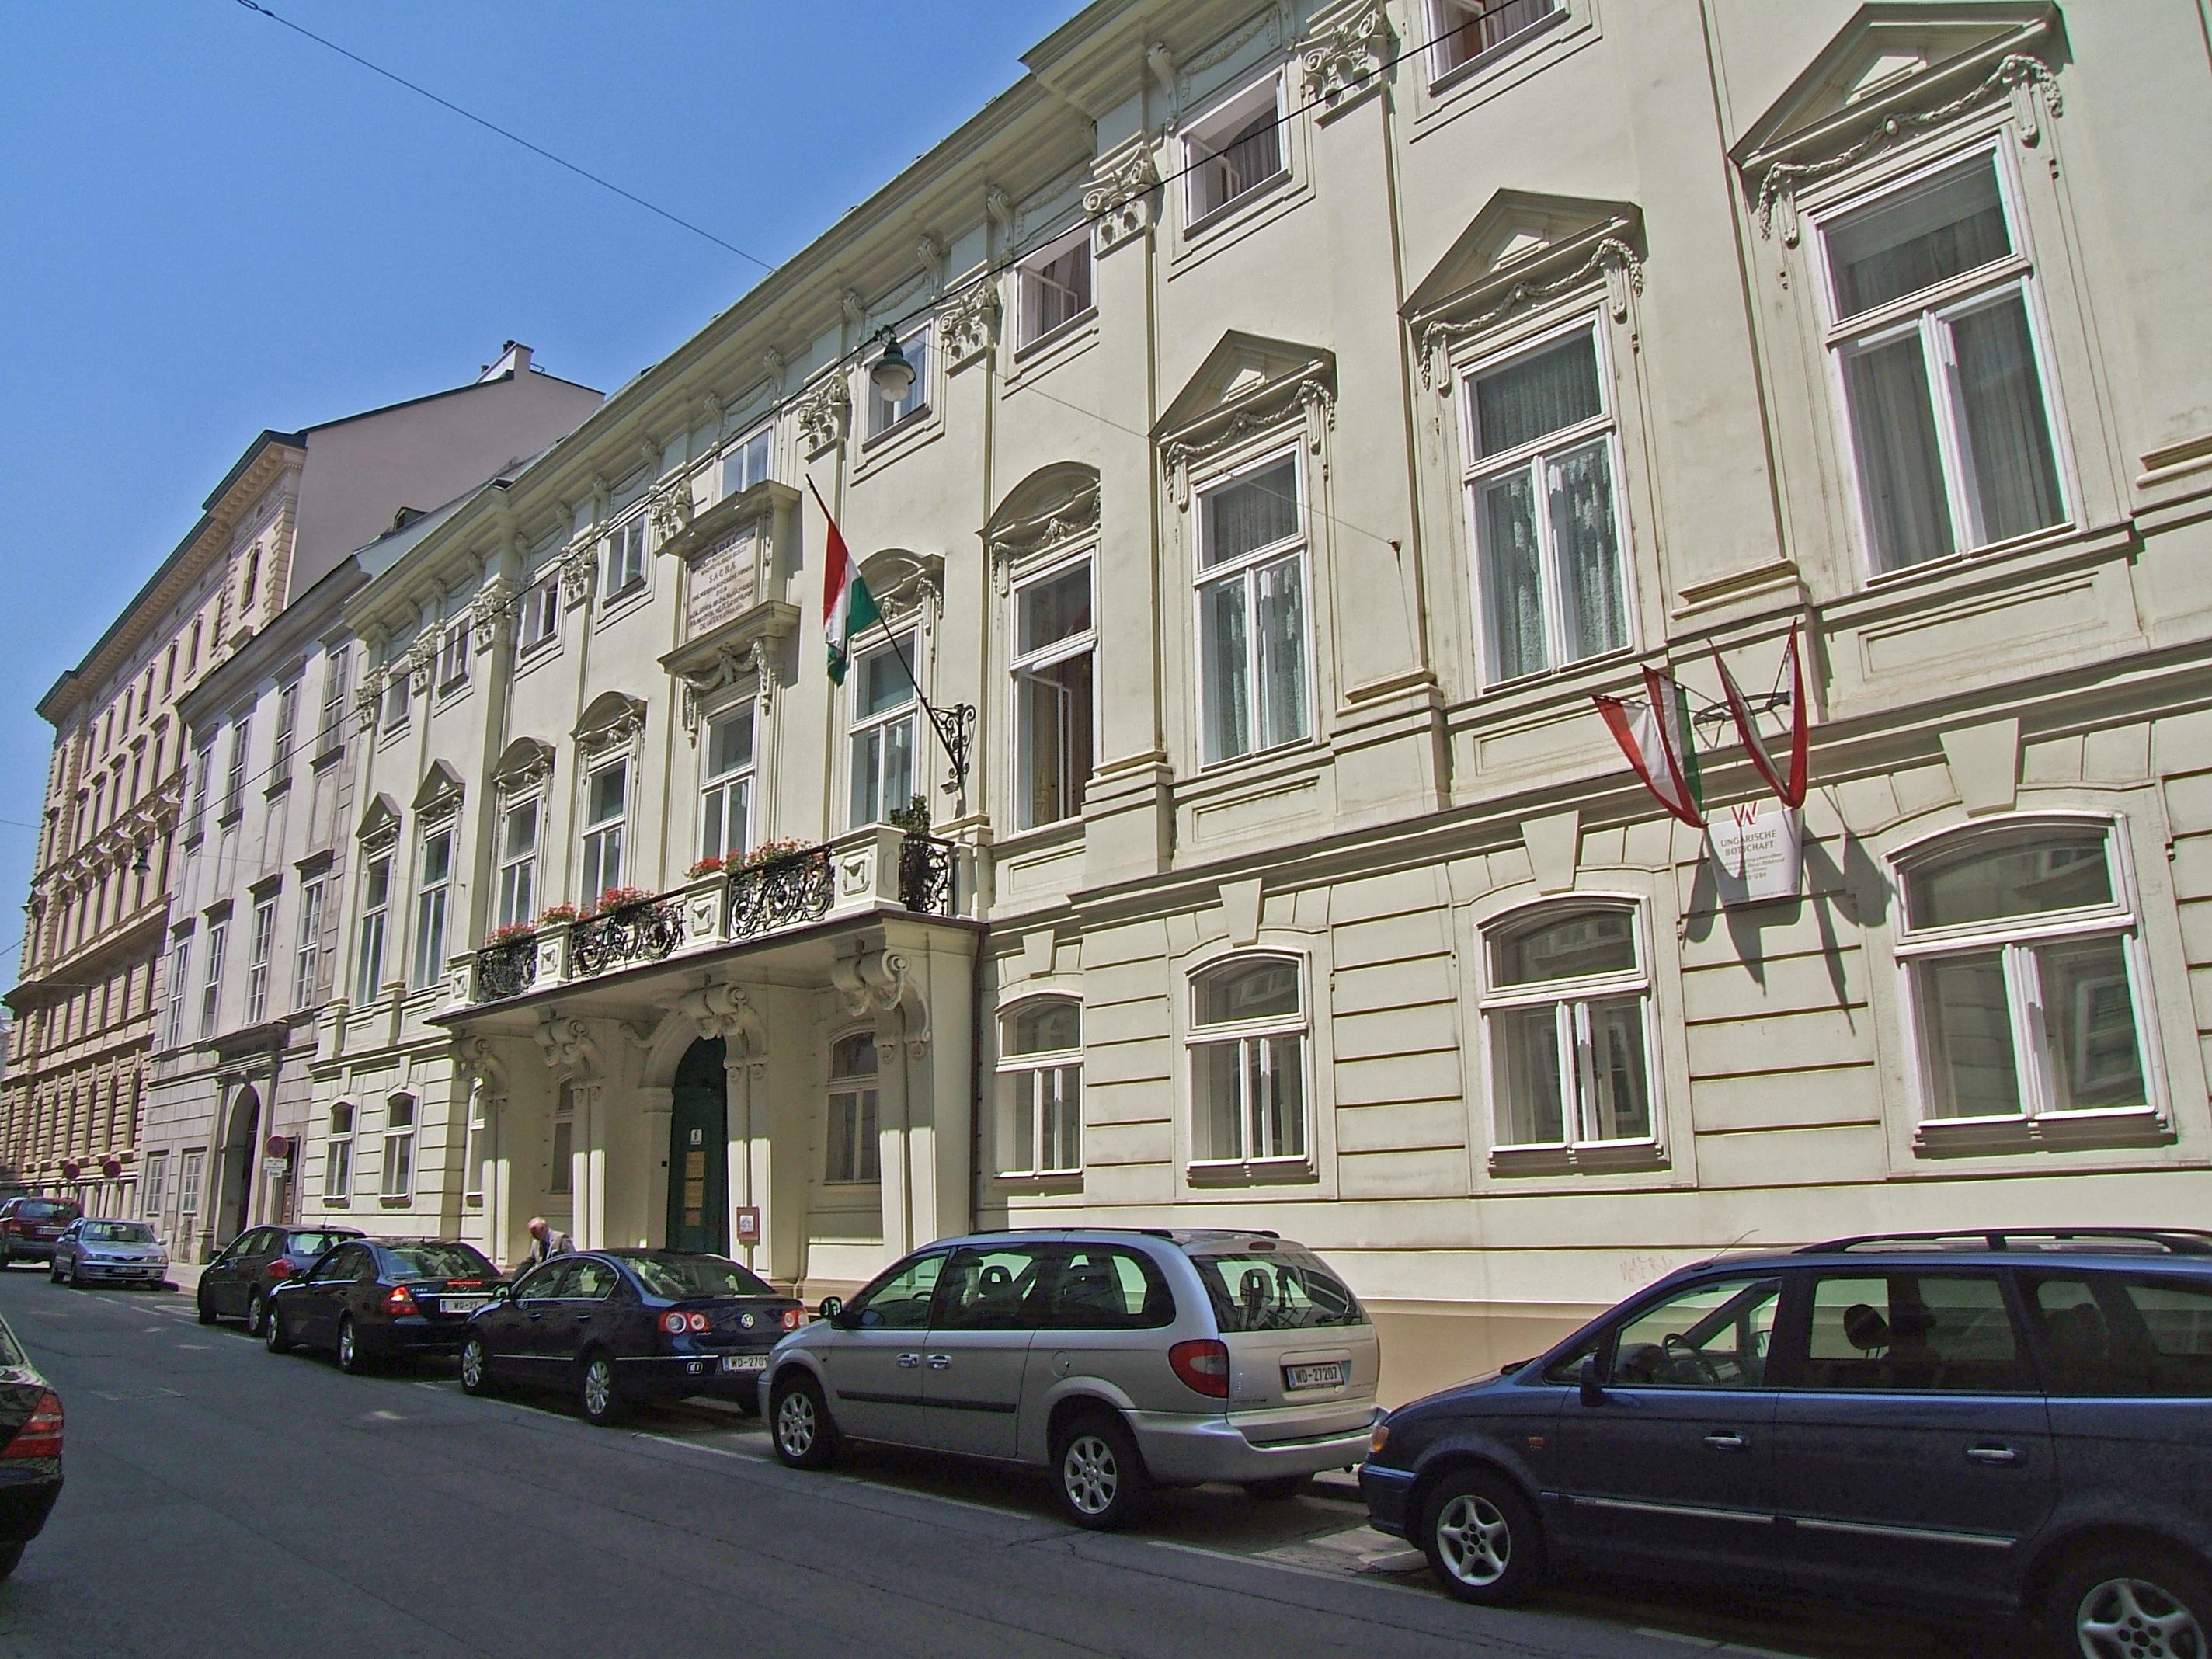 Palais Strattman Bankgasse 4-6 Ung Botschaft.JPG